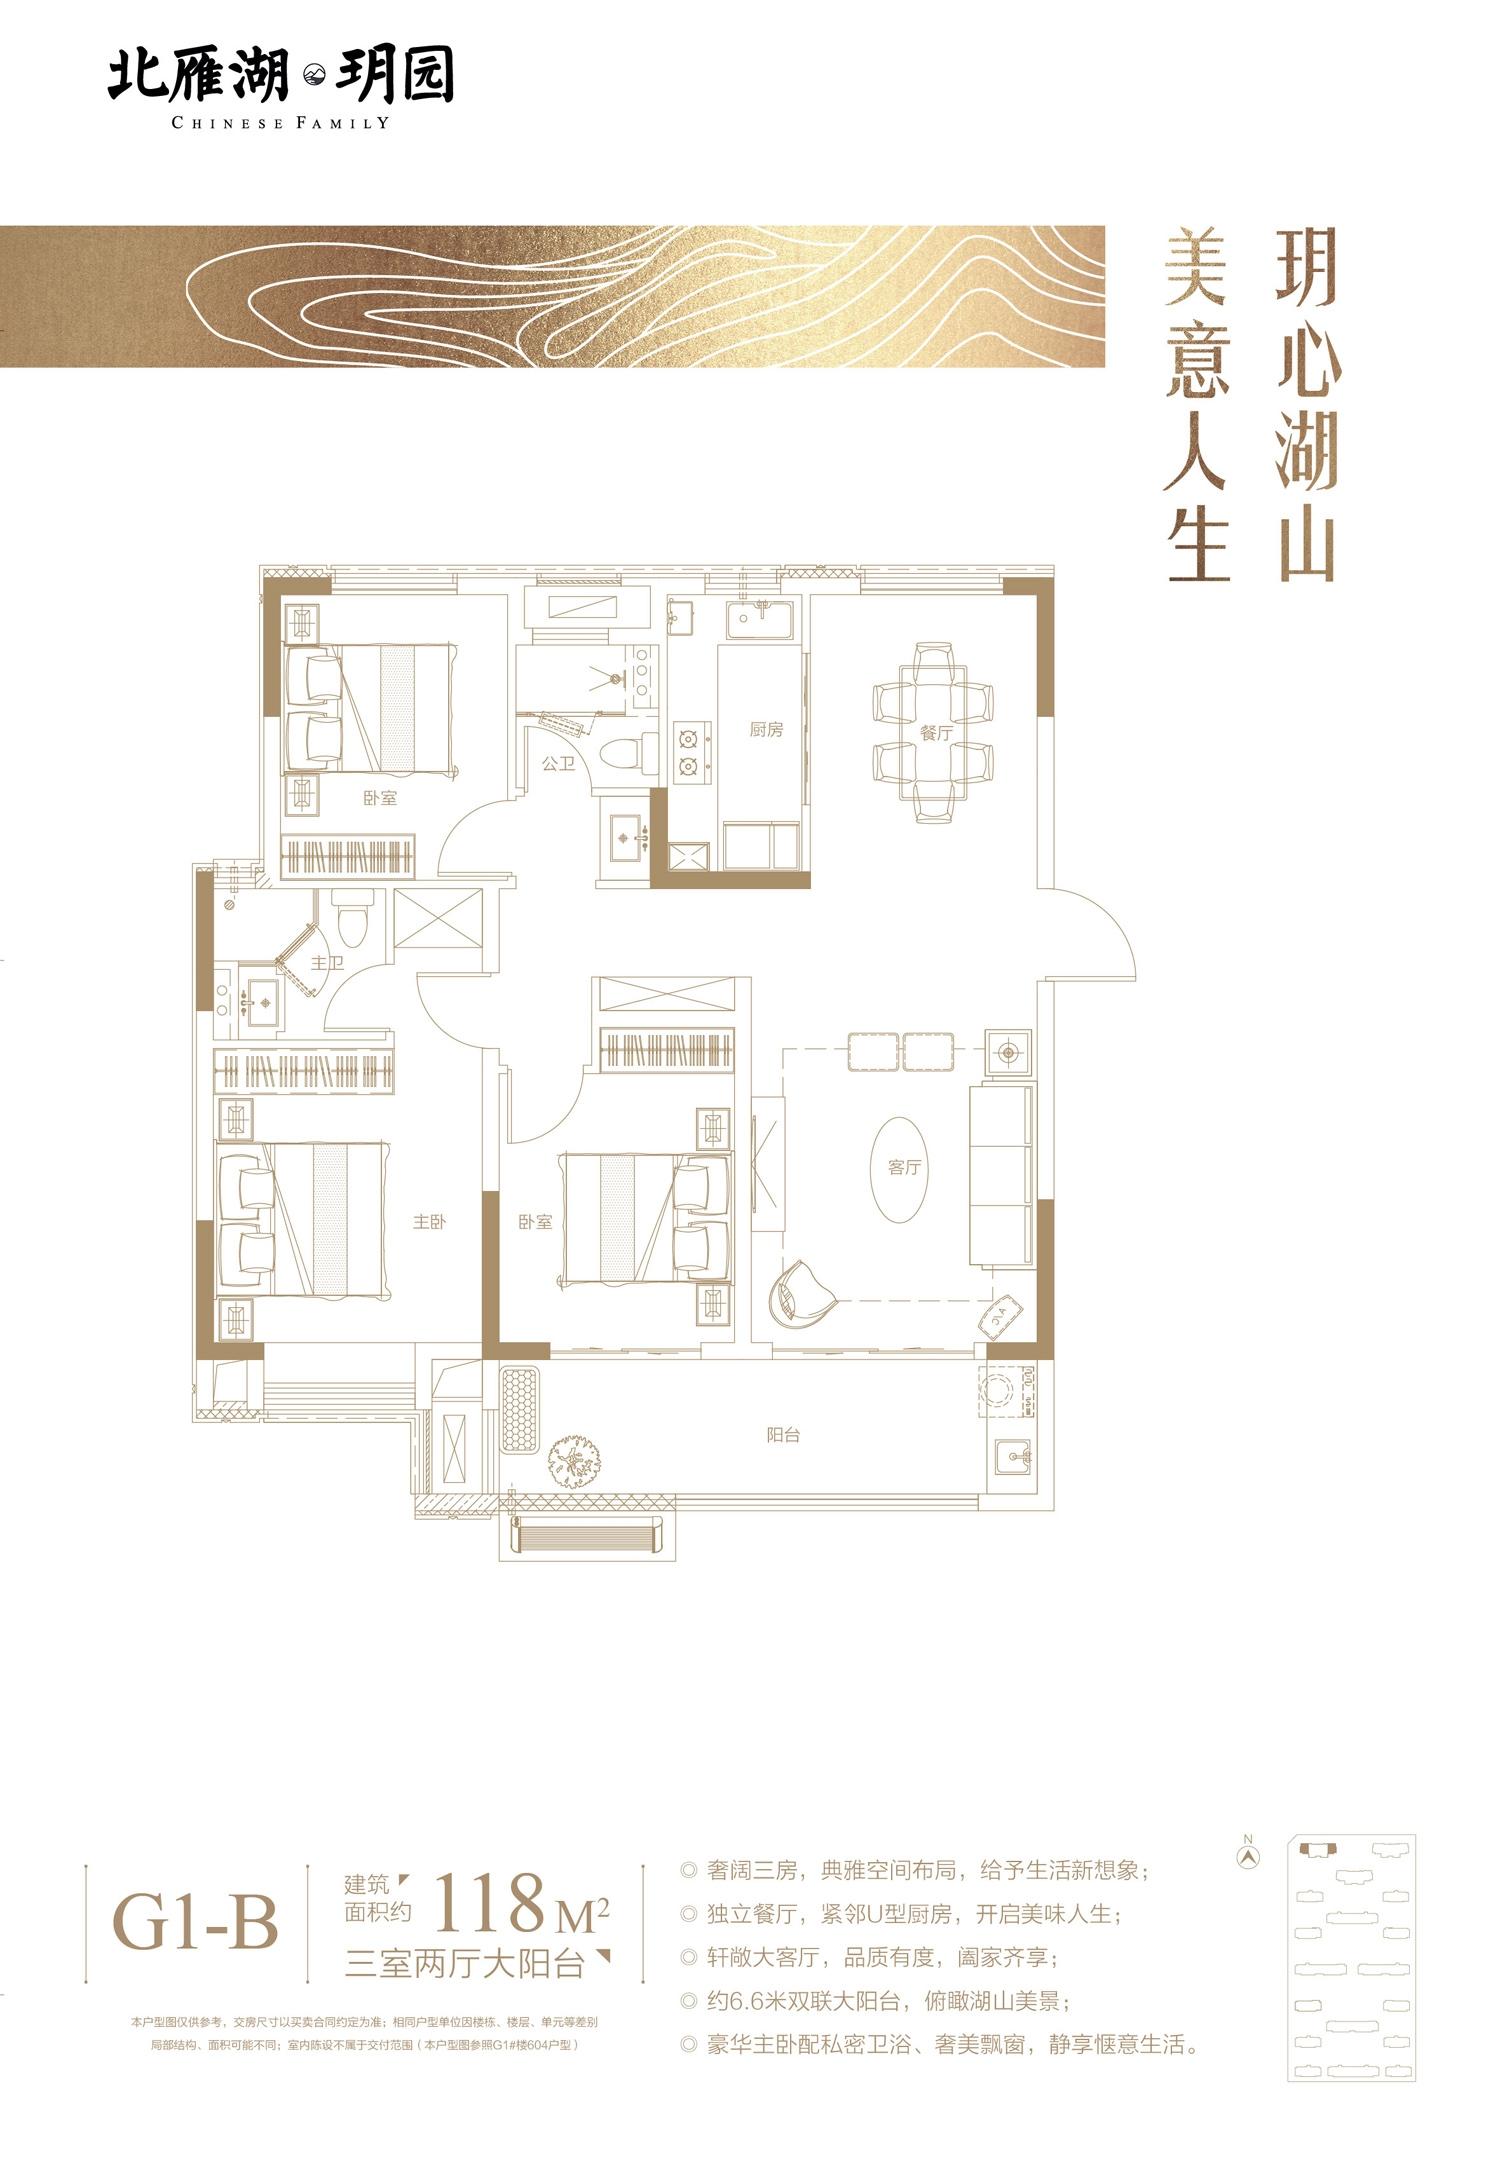 北雁湖玥园G1-B#118㎡户型图